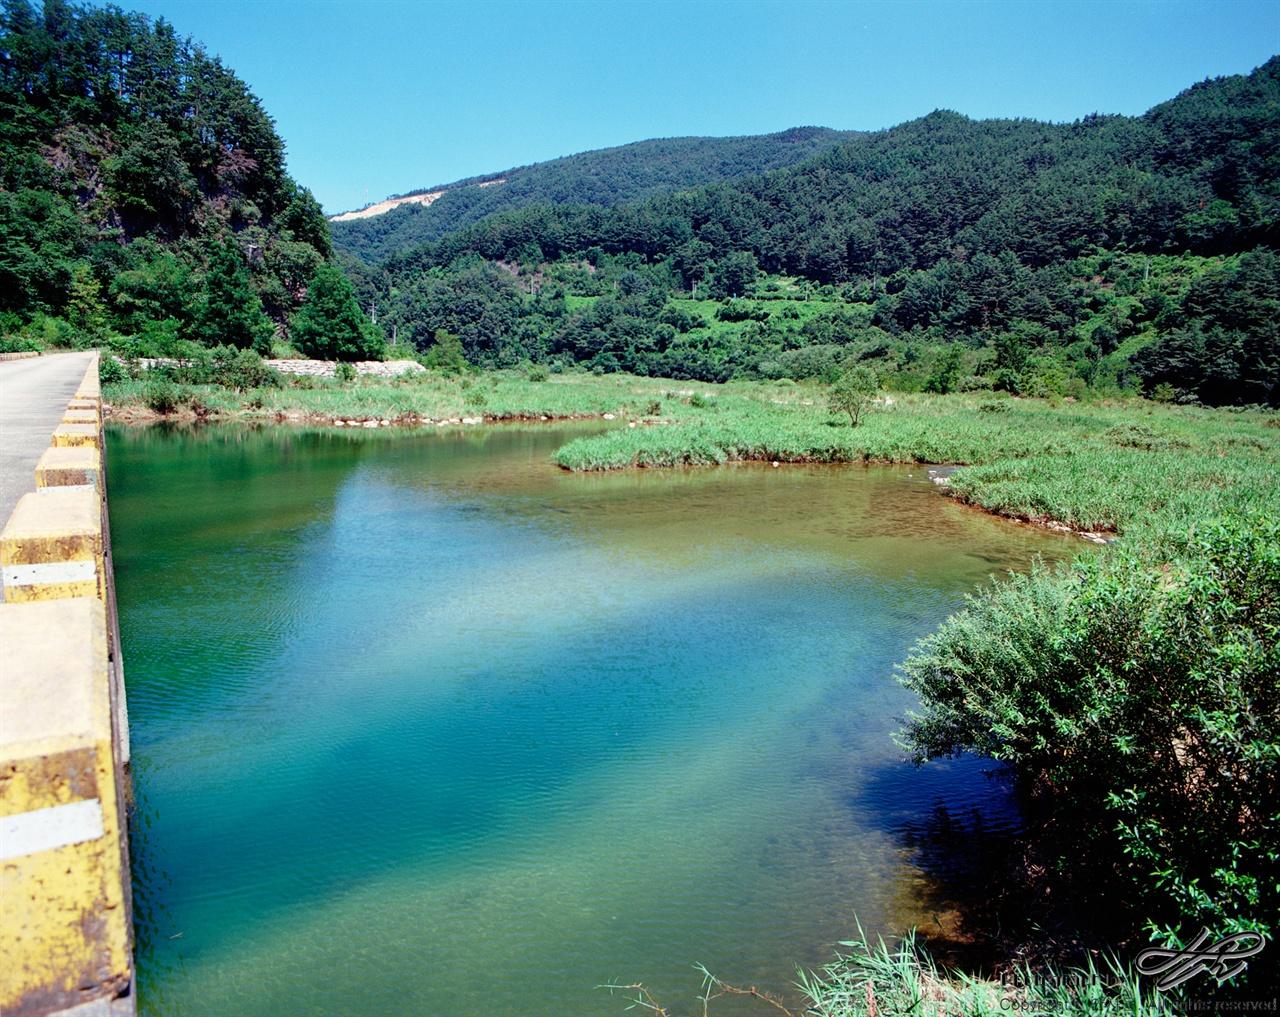 골지천의 맑은 물 (Pro400H)산의 녹음과 물의 초록빛이 깊고도 청량하다.